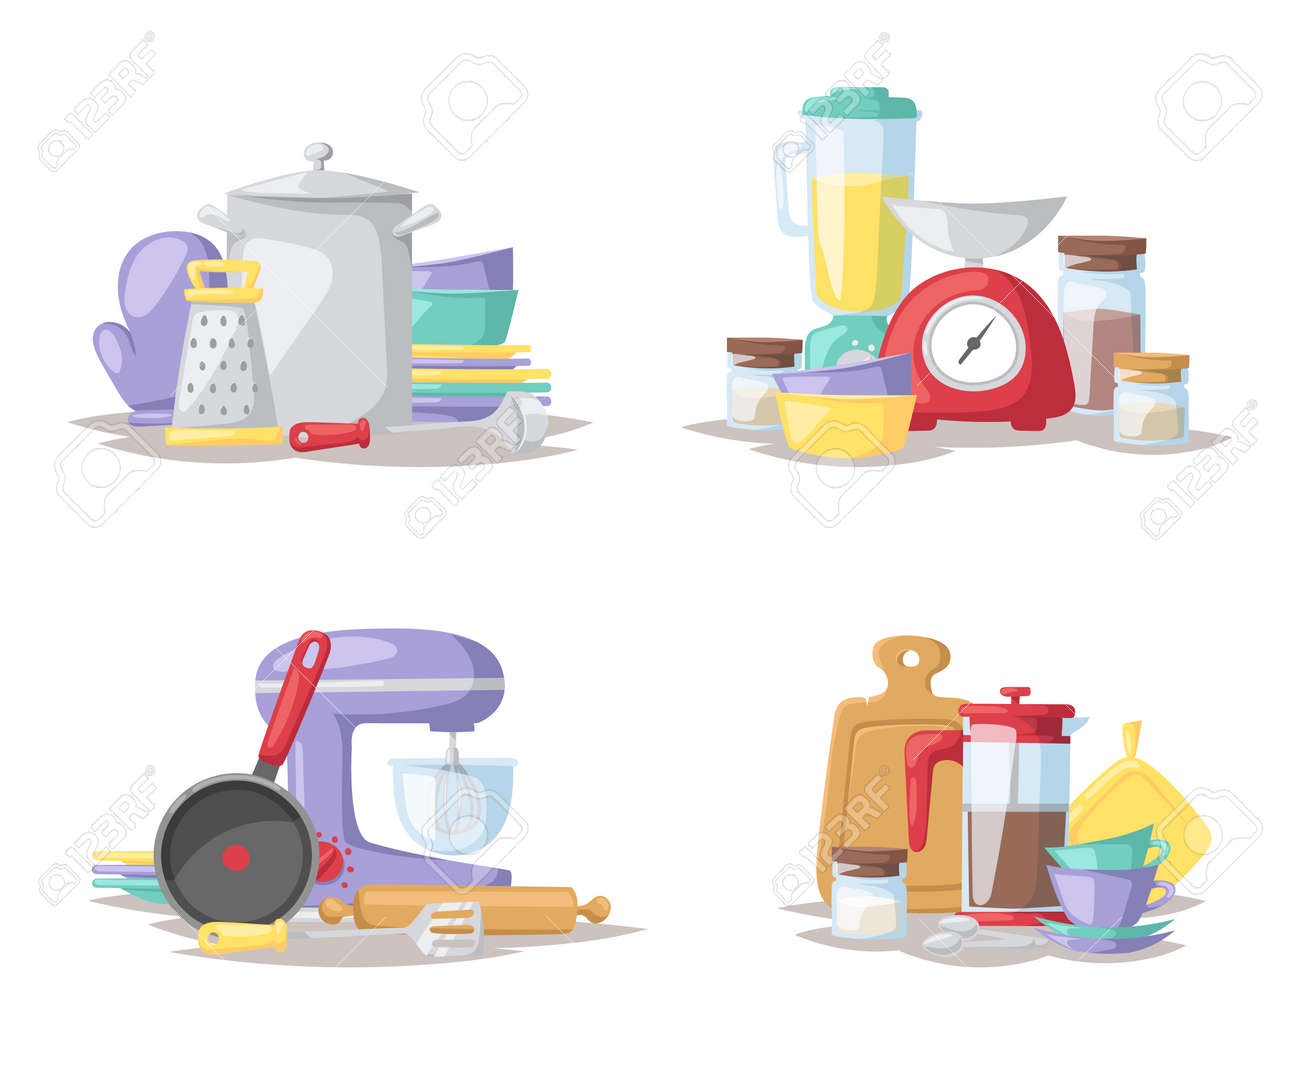 e6eacb7ba Cocina herramientas de preparación de alimentos y utensilios de cocina  recogida de vectores. las herramientas